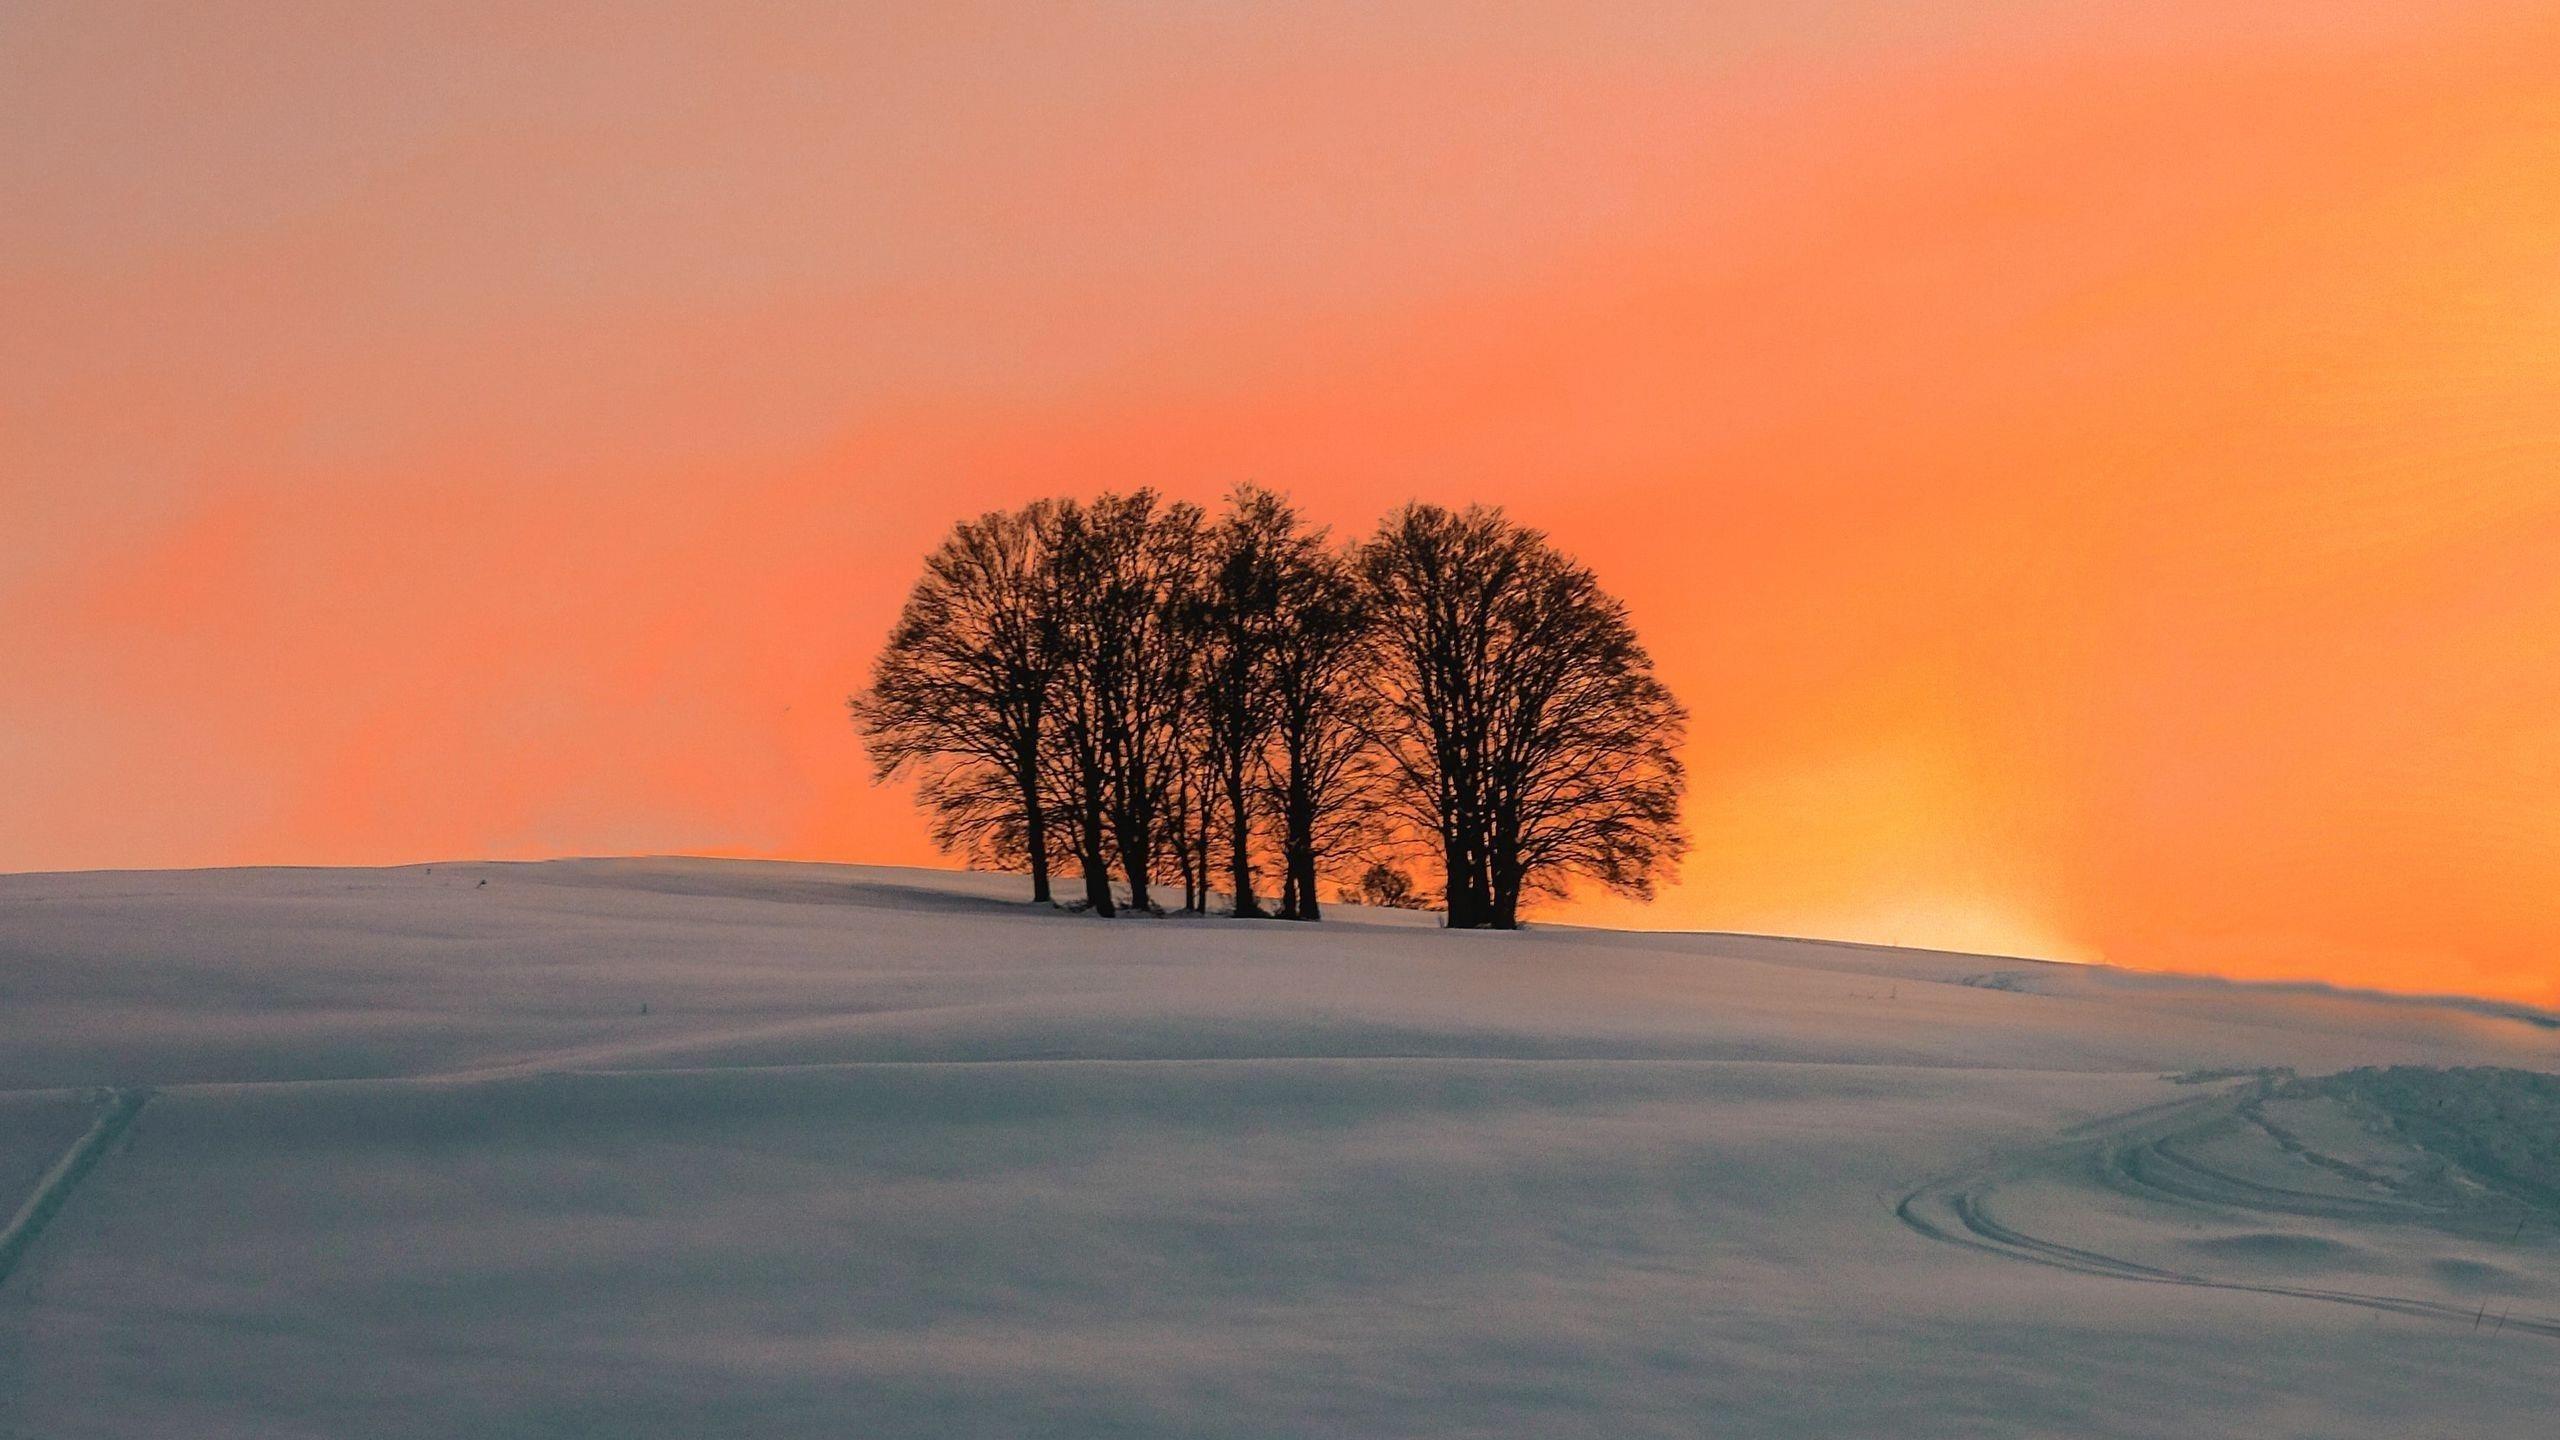 Полевые деревья во время заката природа обои скачать